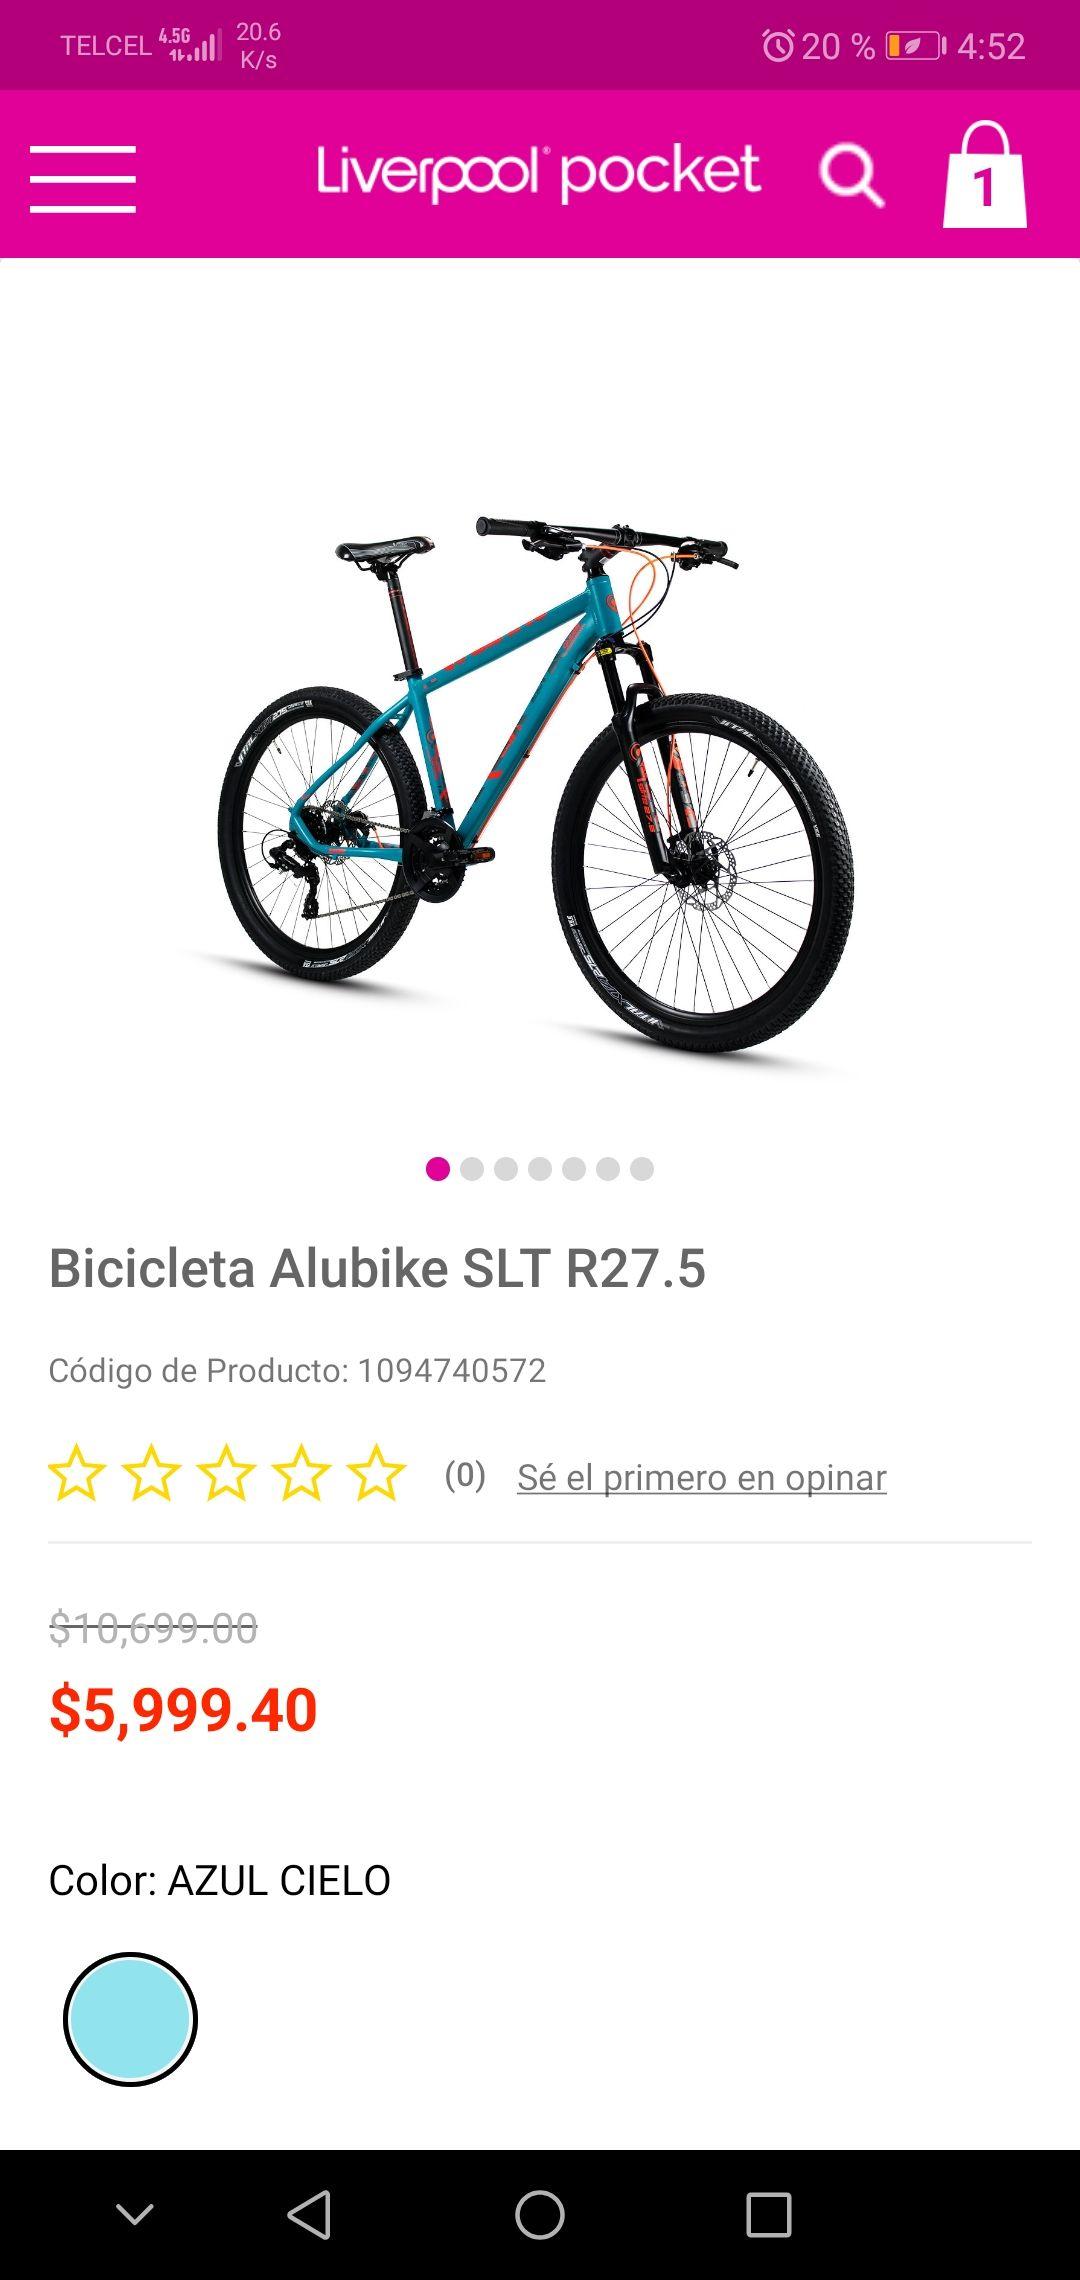 liverpool Bicicleta alubike con 40%